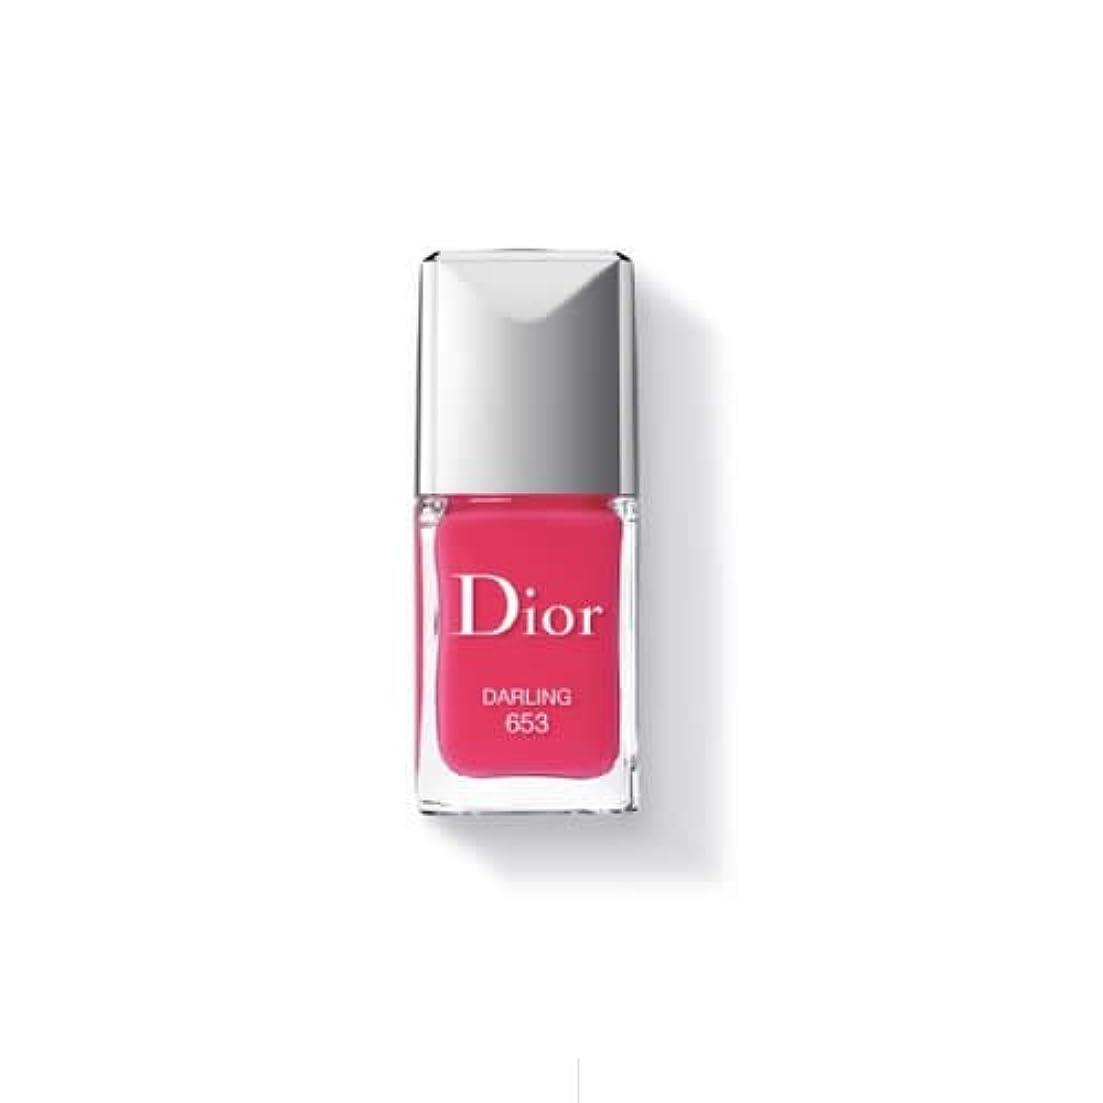 補償教科書恩赦ディオール ヴェルニ #653 ダーリン 10ml クリスチャン ディオール Christian Dior 訳あり